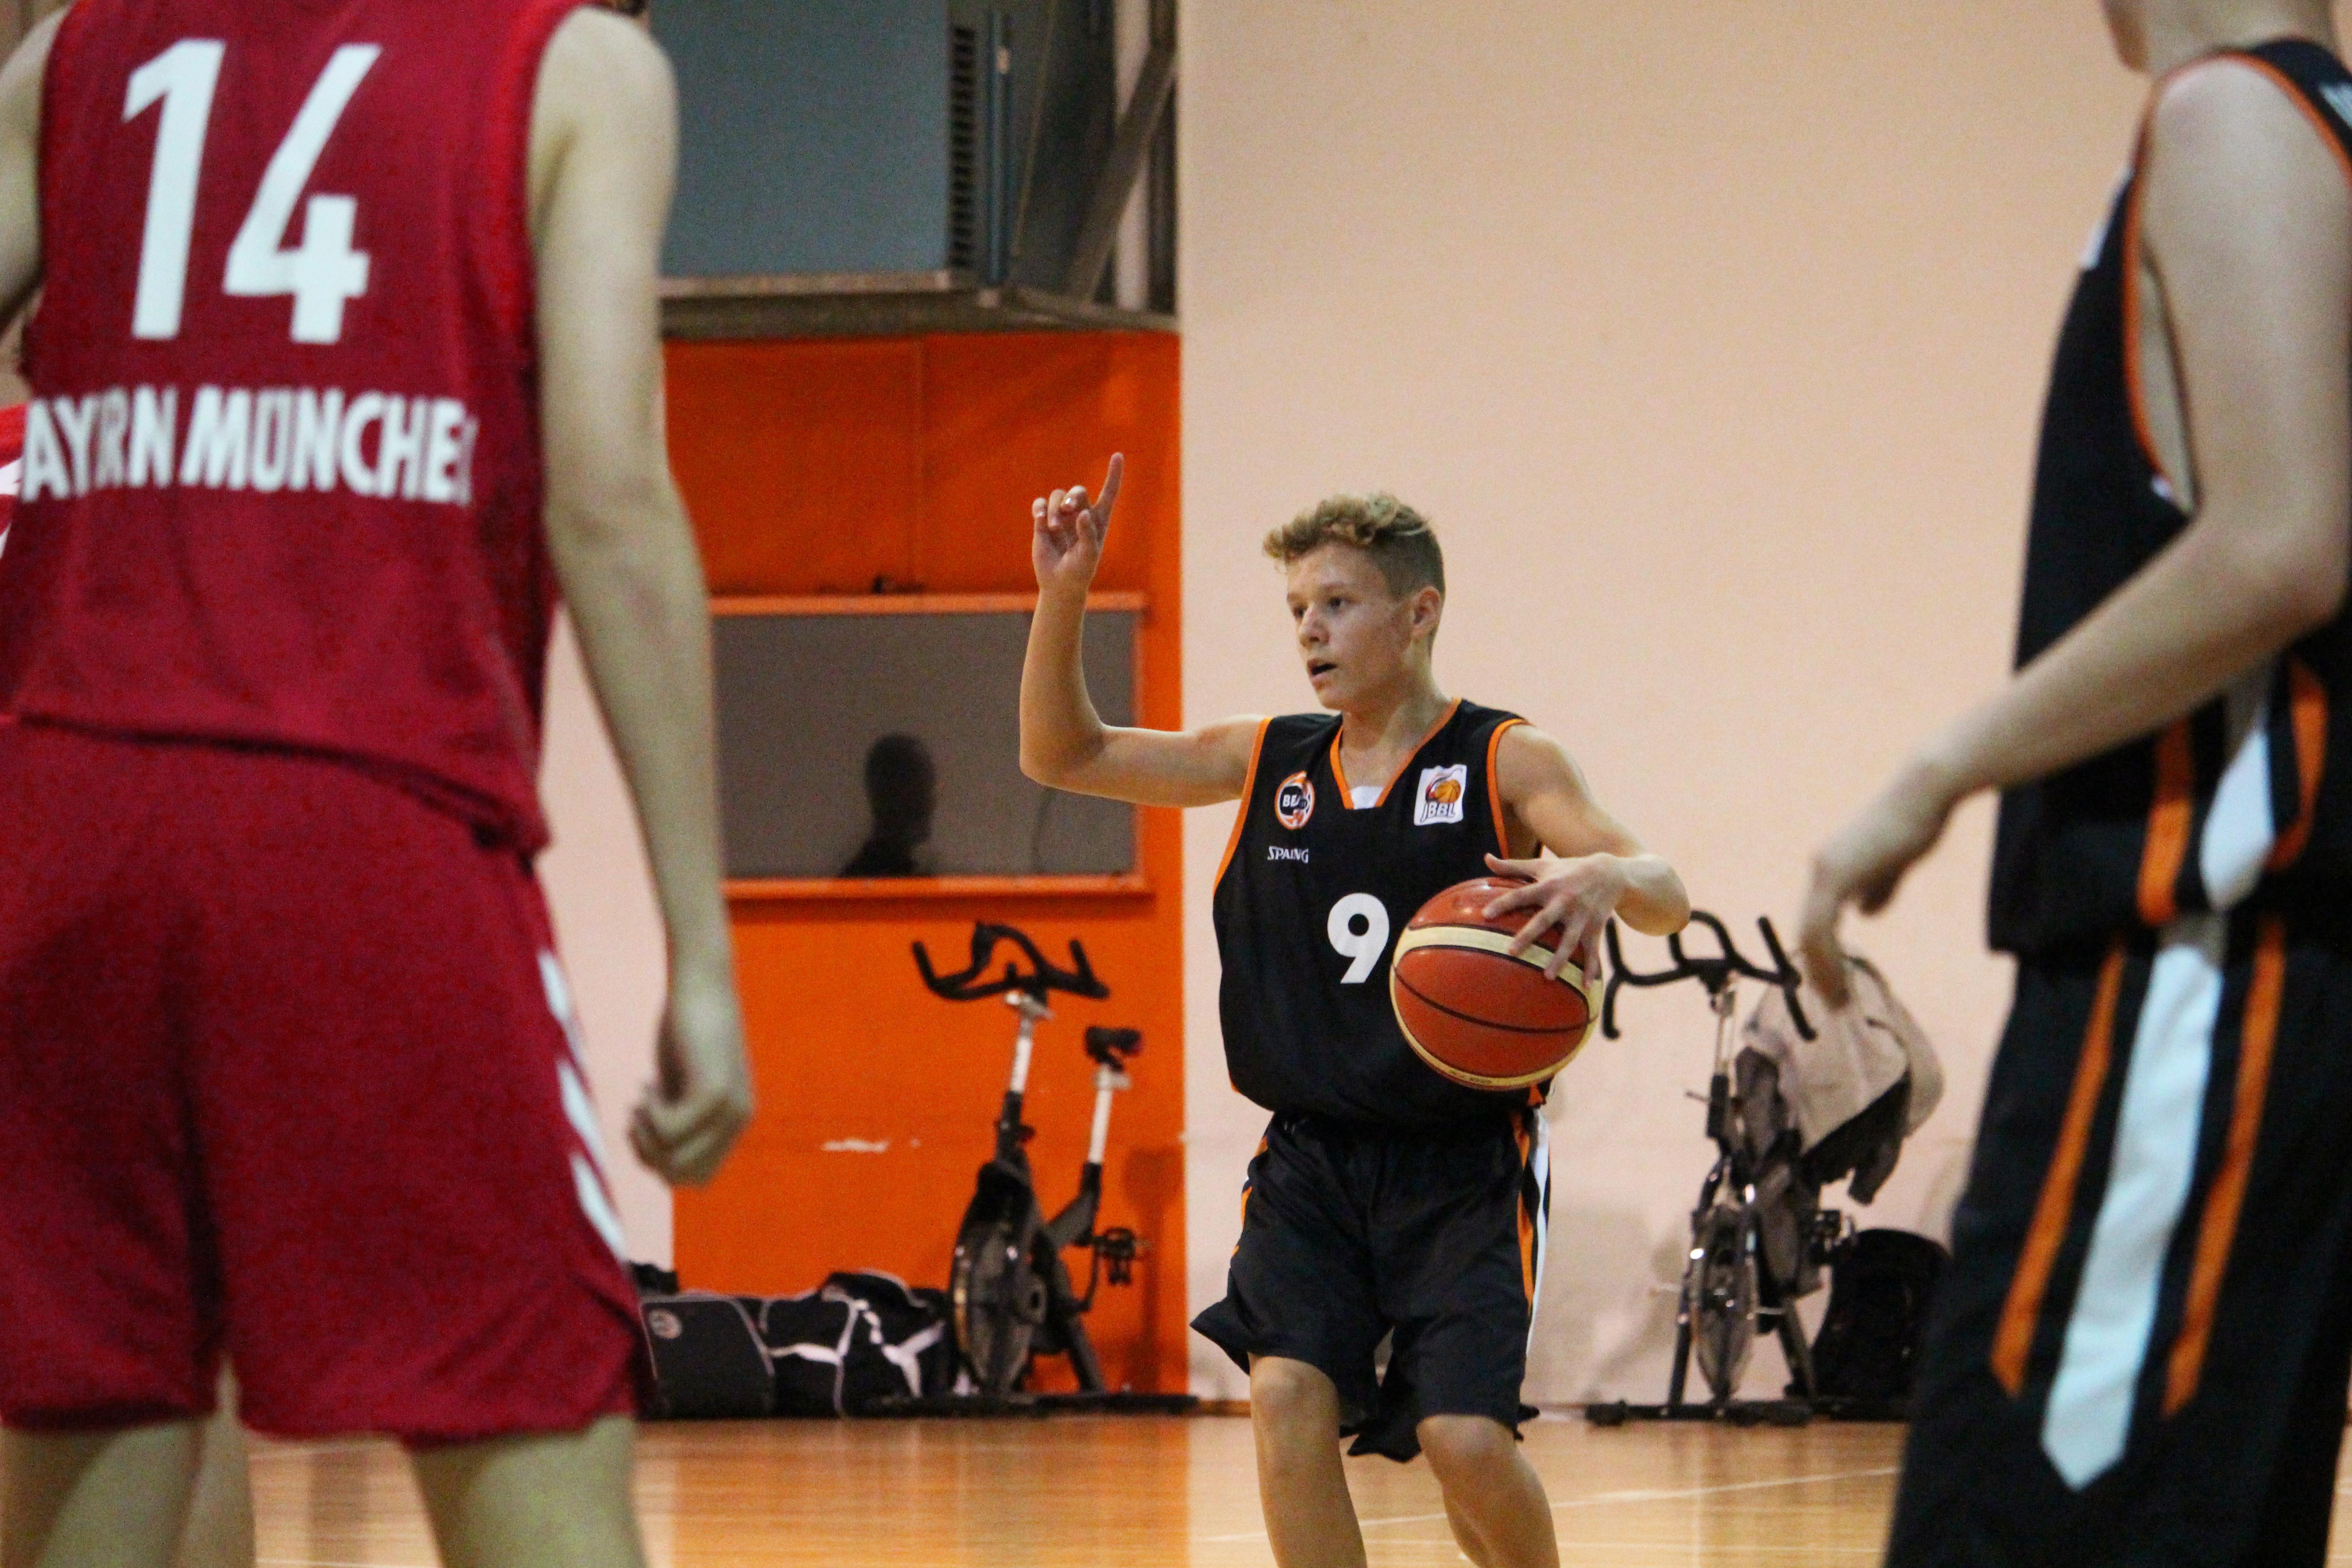 JBBL_19-20_OrangeAcademy_FC-Bayern-München-Basketball_Spieltag7_Simon-Scheible